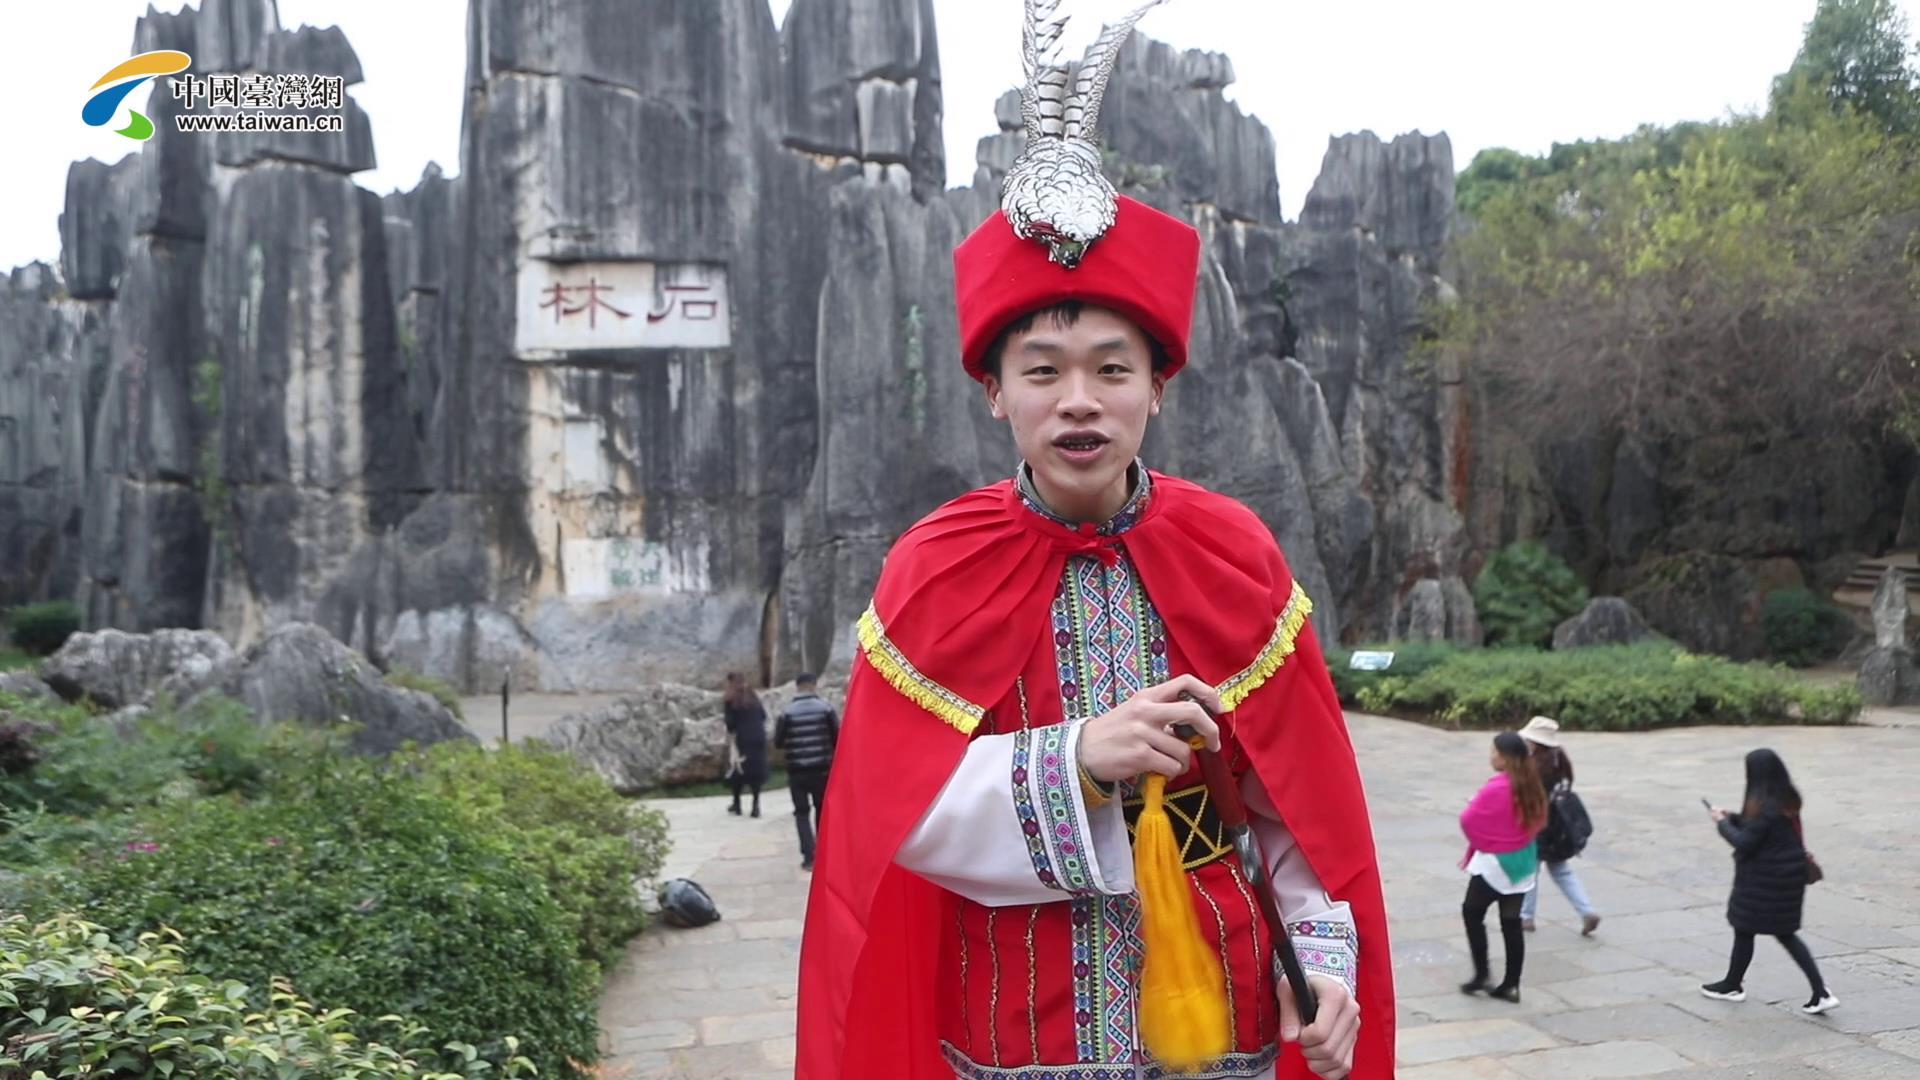 【云南篇】台湾小伙伴探访云南石林风景区 被眼前的一切所震惊!图片